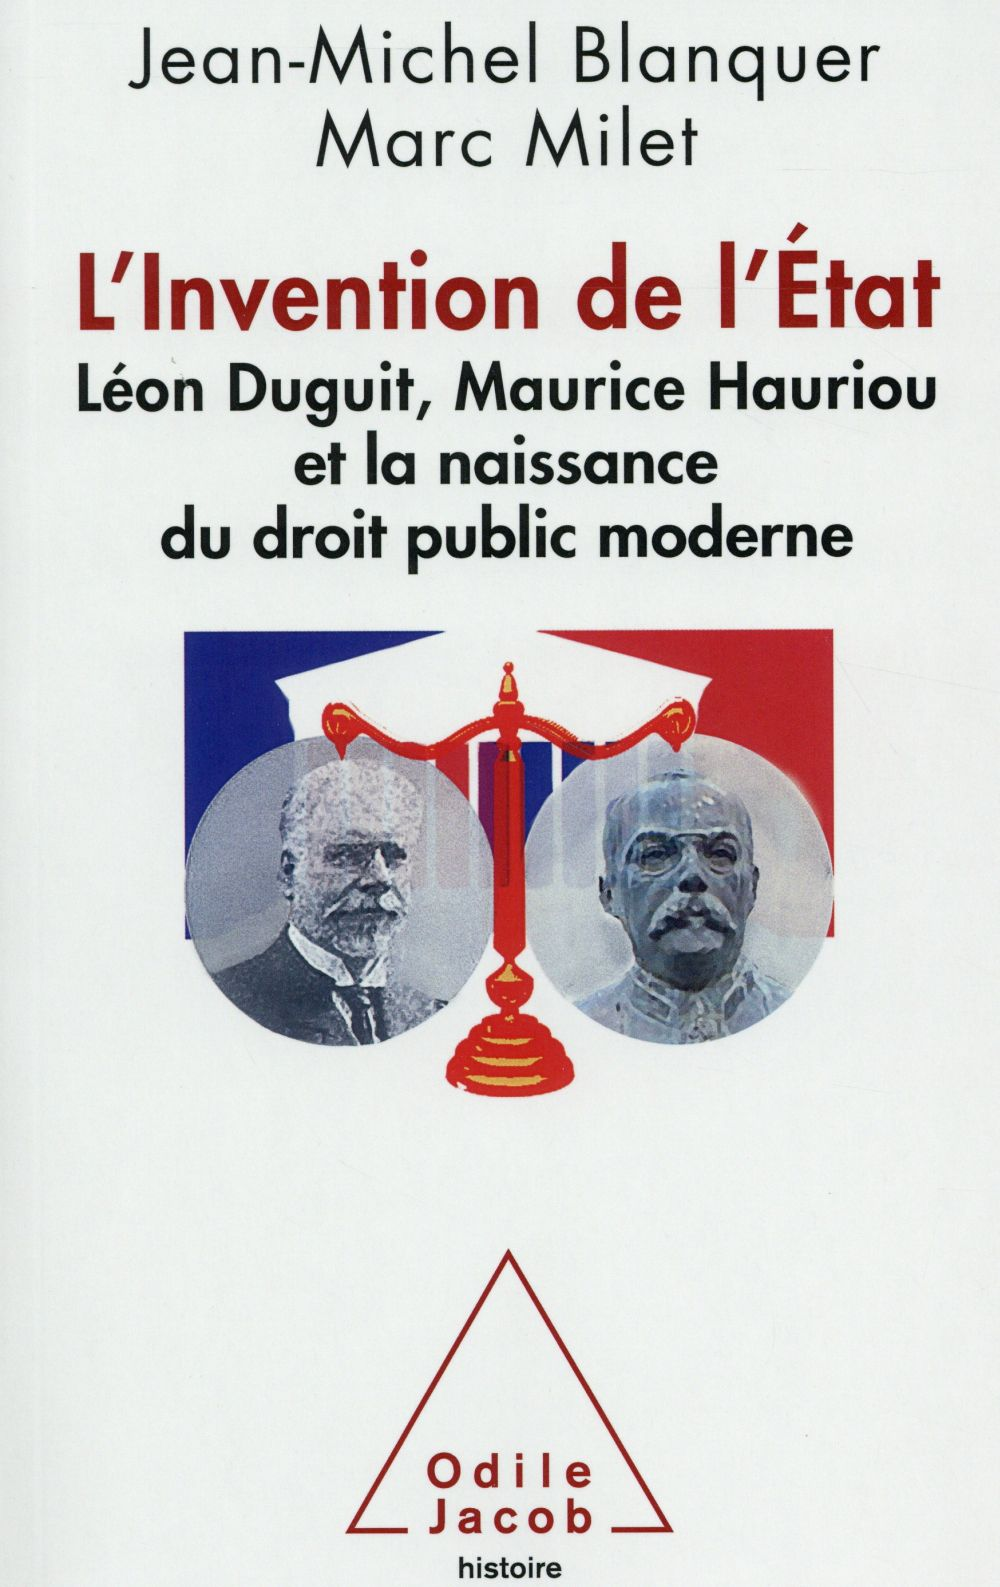 L'invention de l'Etat et naissance du droit public moderne français